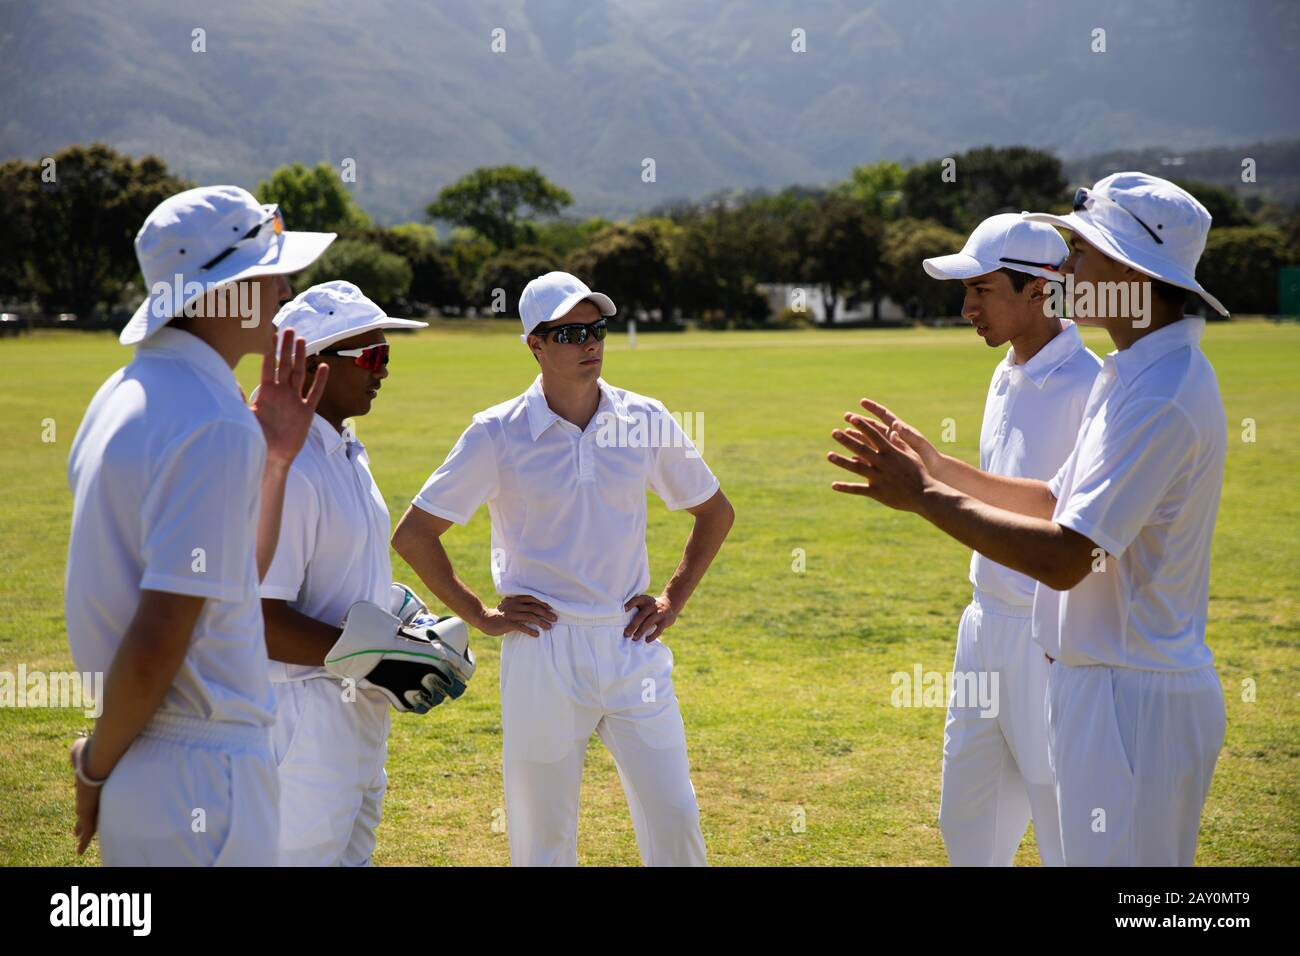 L'équipe de cricket discute sur un terrain Banque D'Images